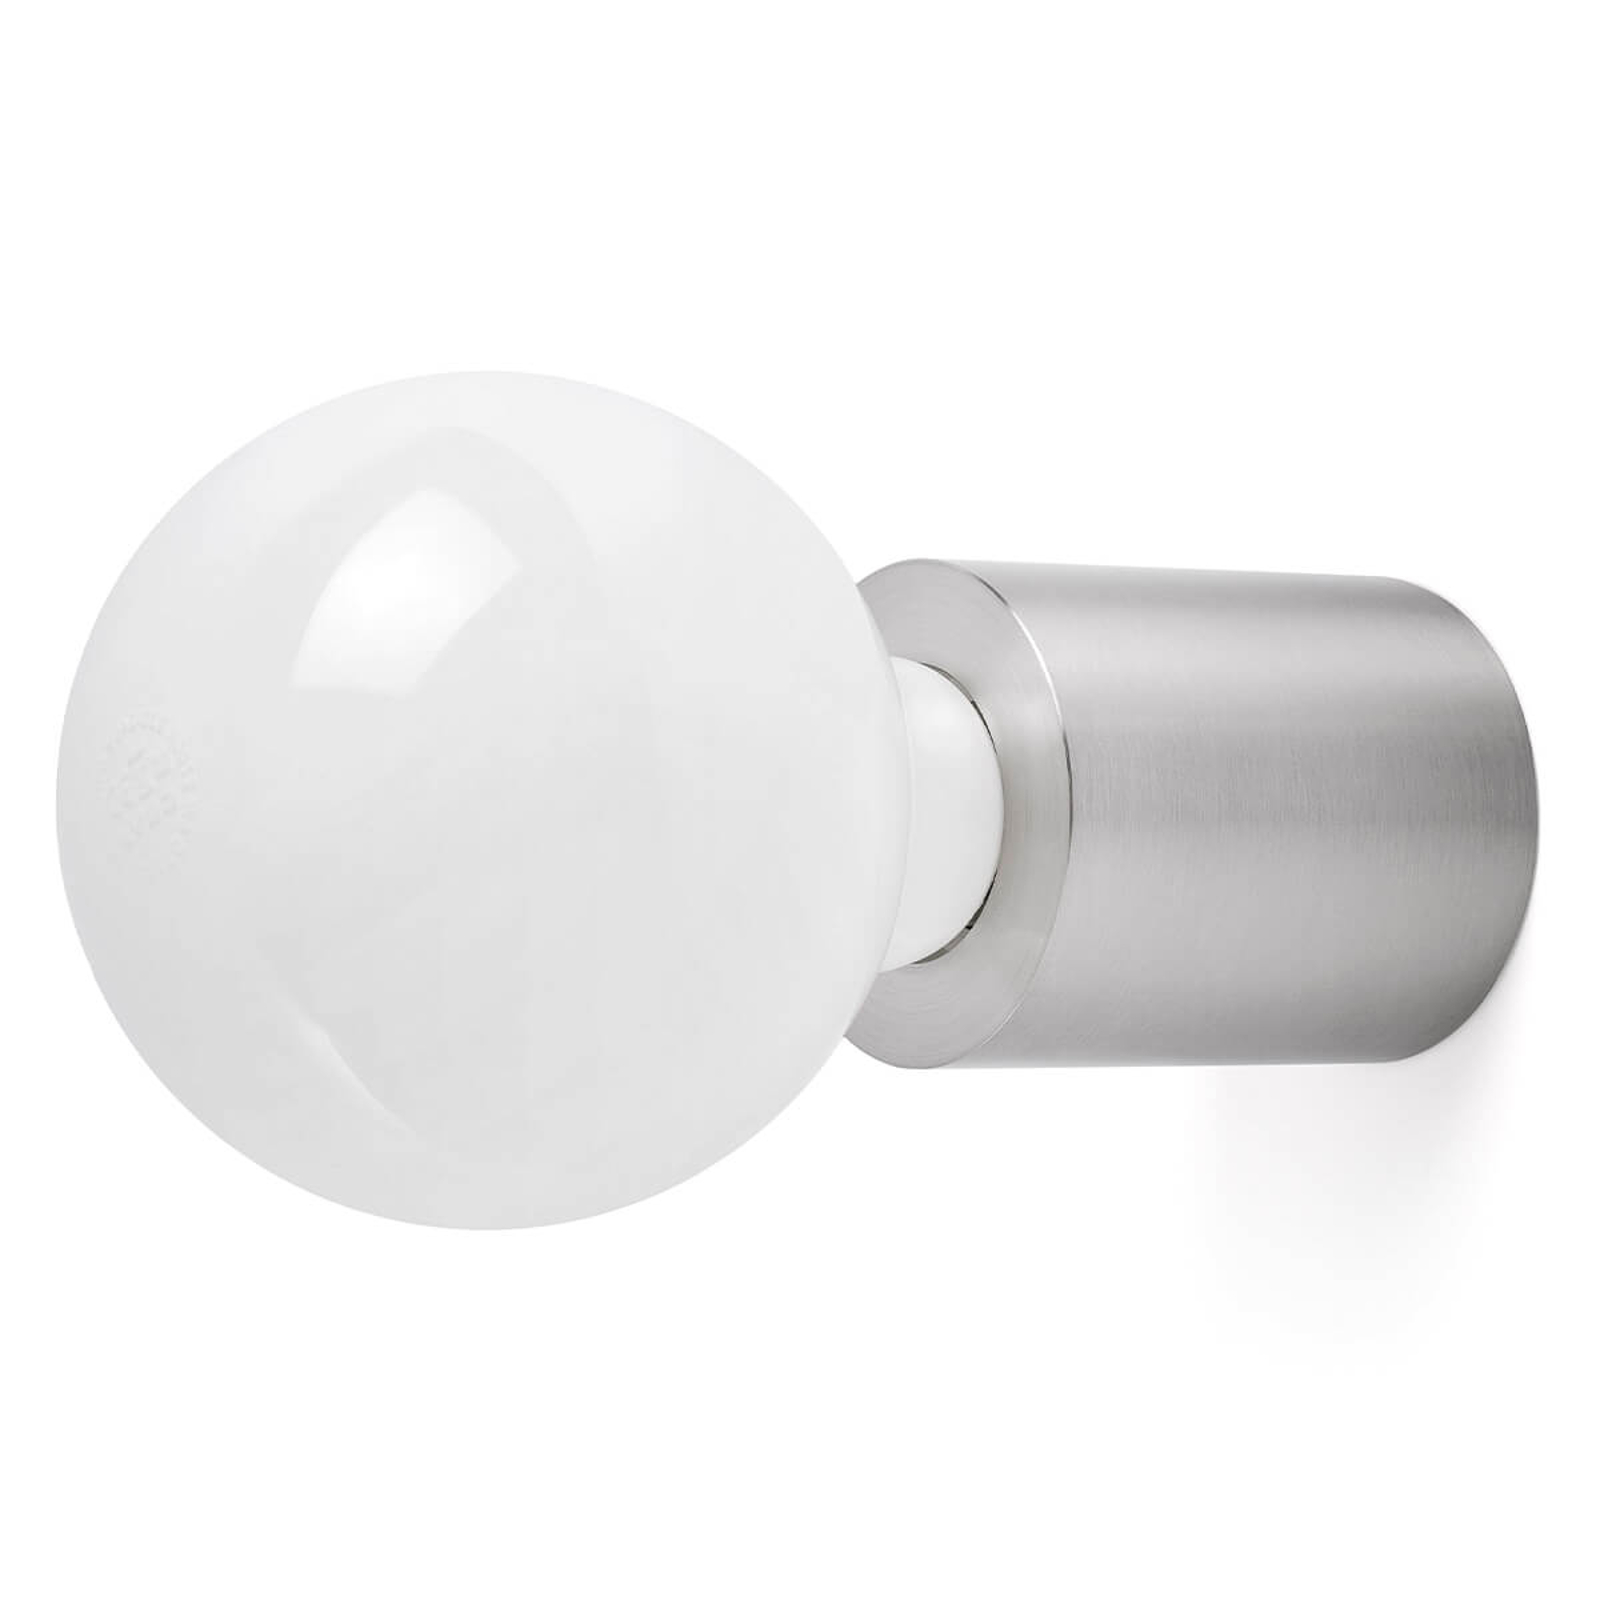 Ten - minimalistische wandlamp, mat nikkel